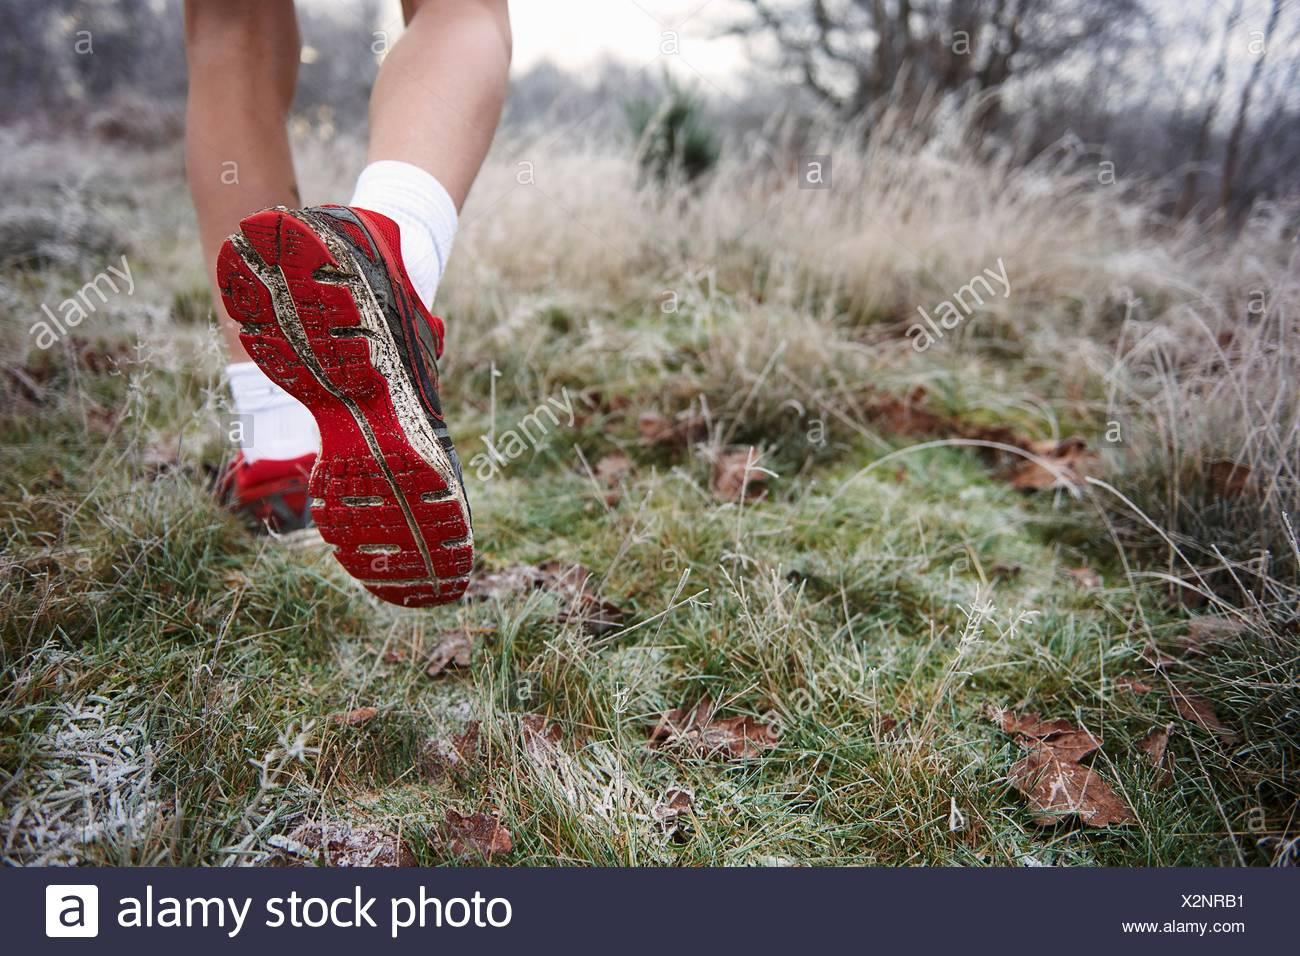 Vue arrière d'adolescents les jambes, pied, semelle de chaussure Photo Stock